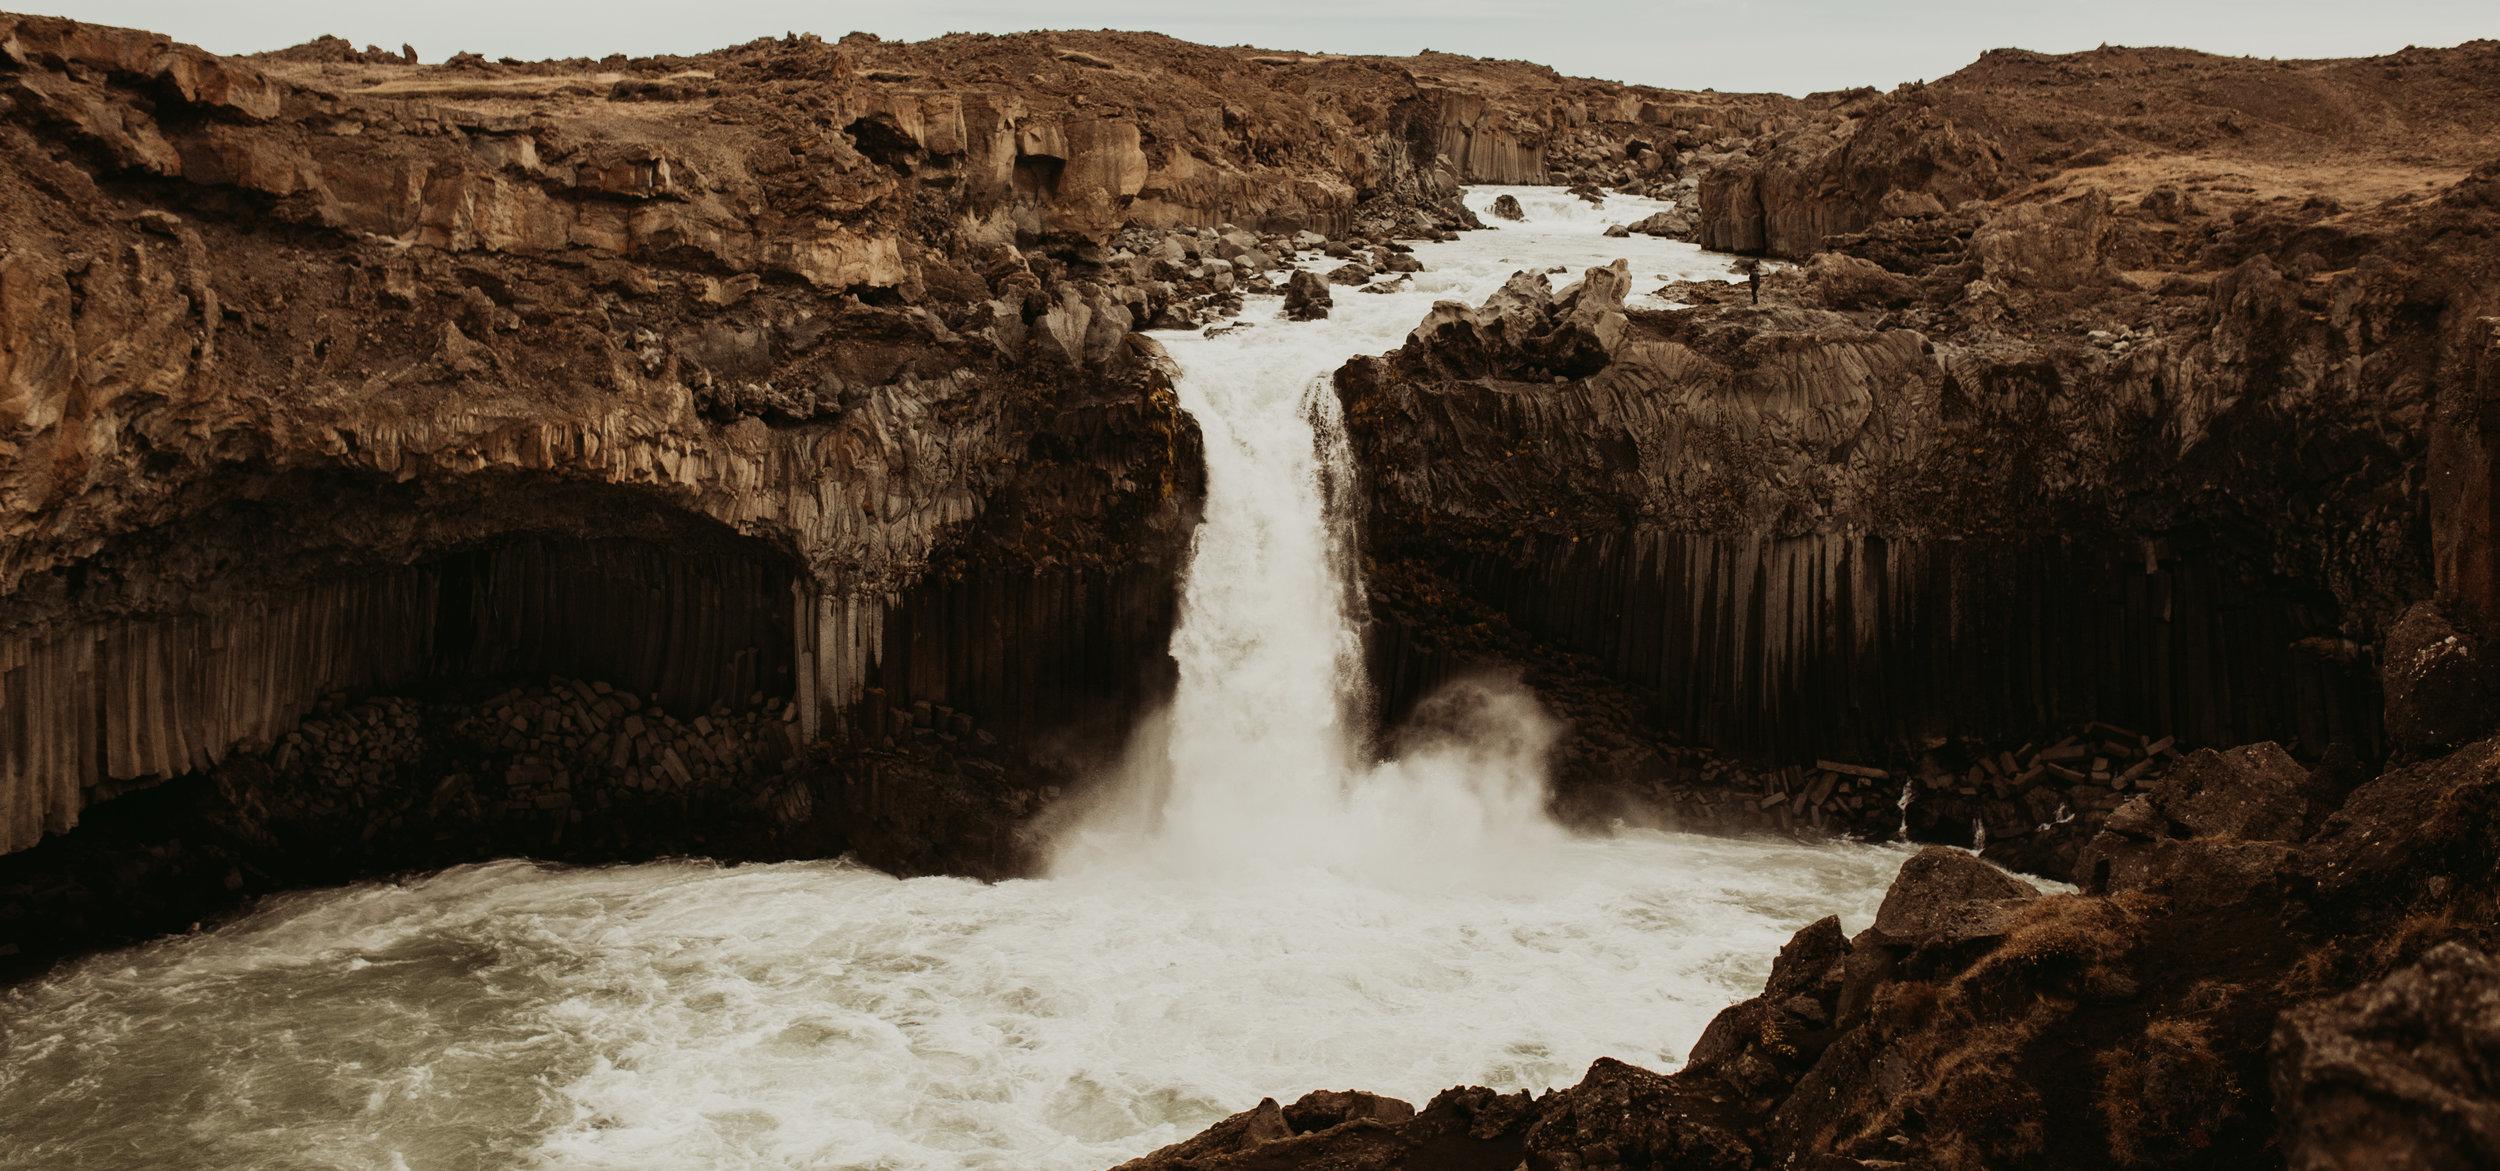 iceland-travel-tips-blog29.jpg